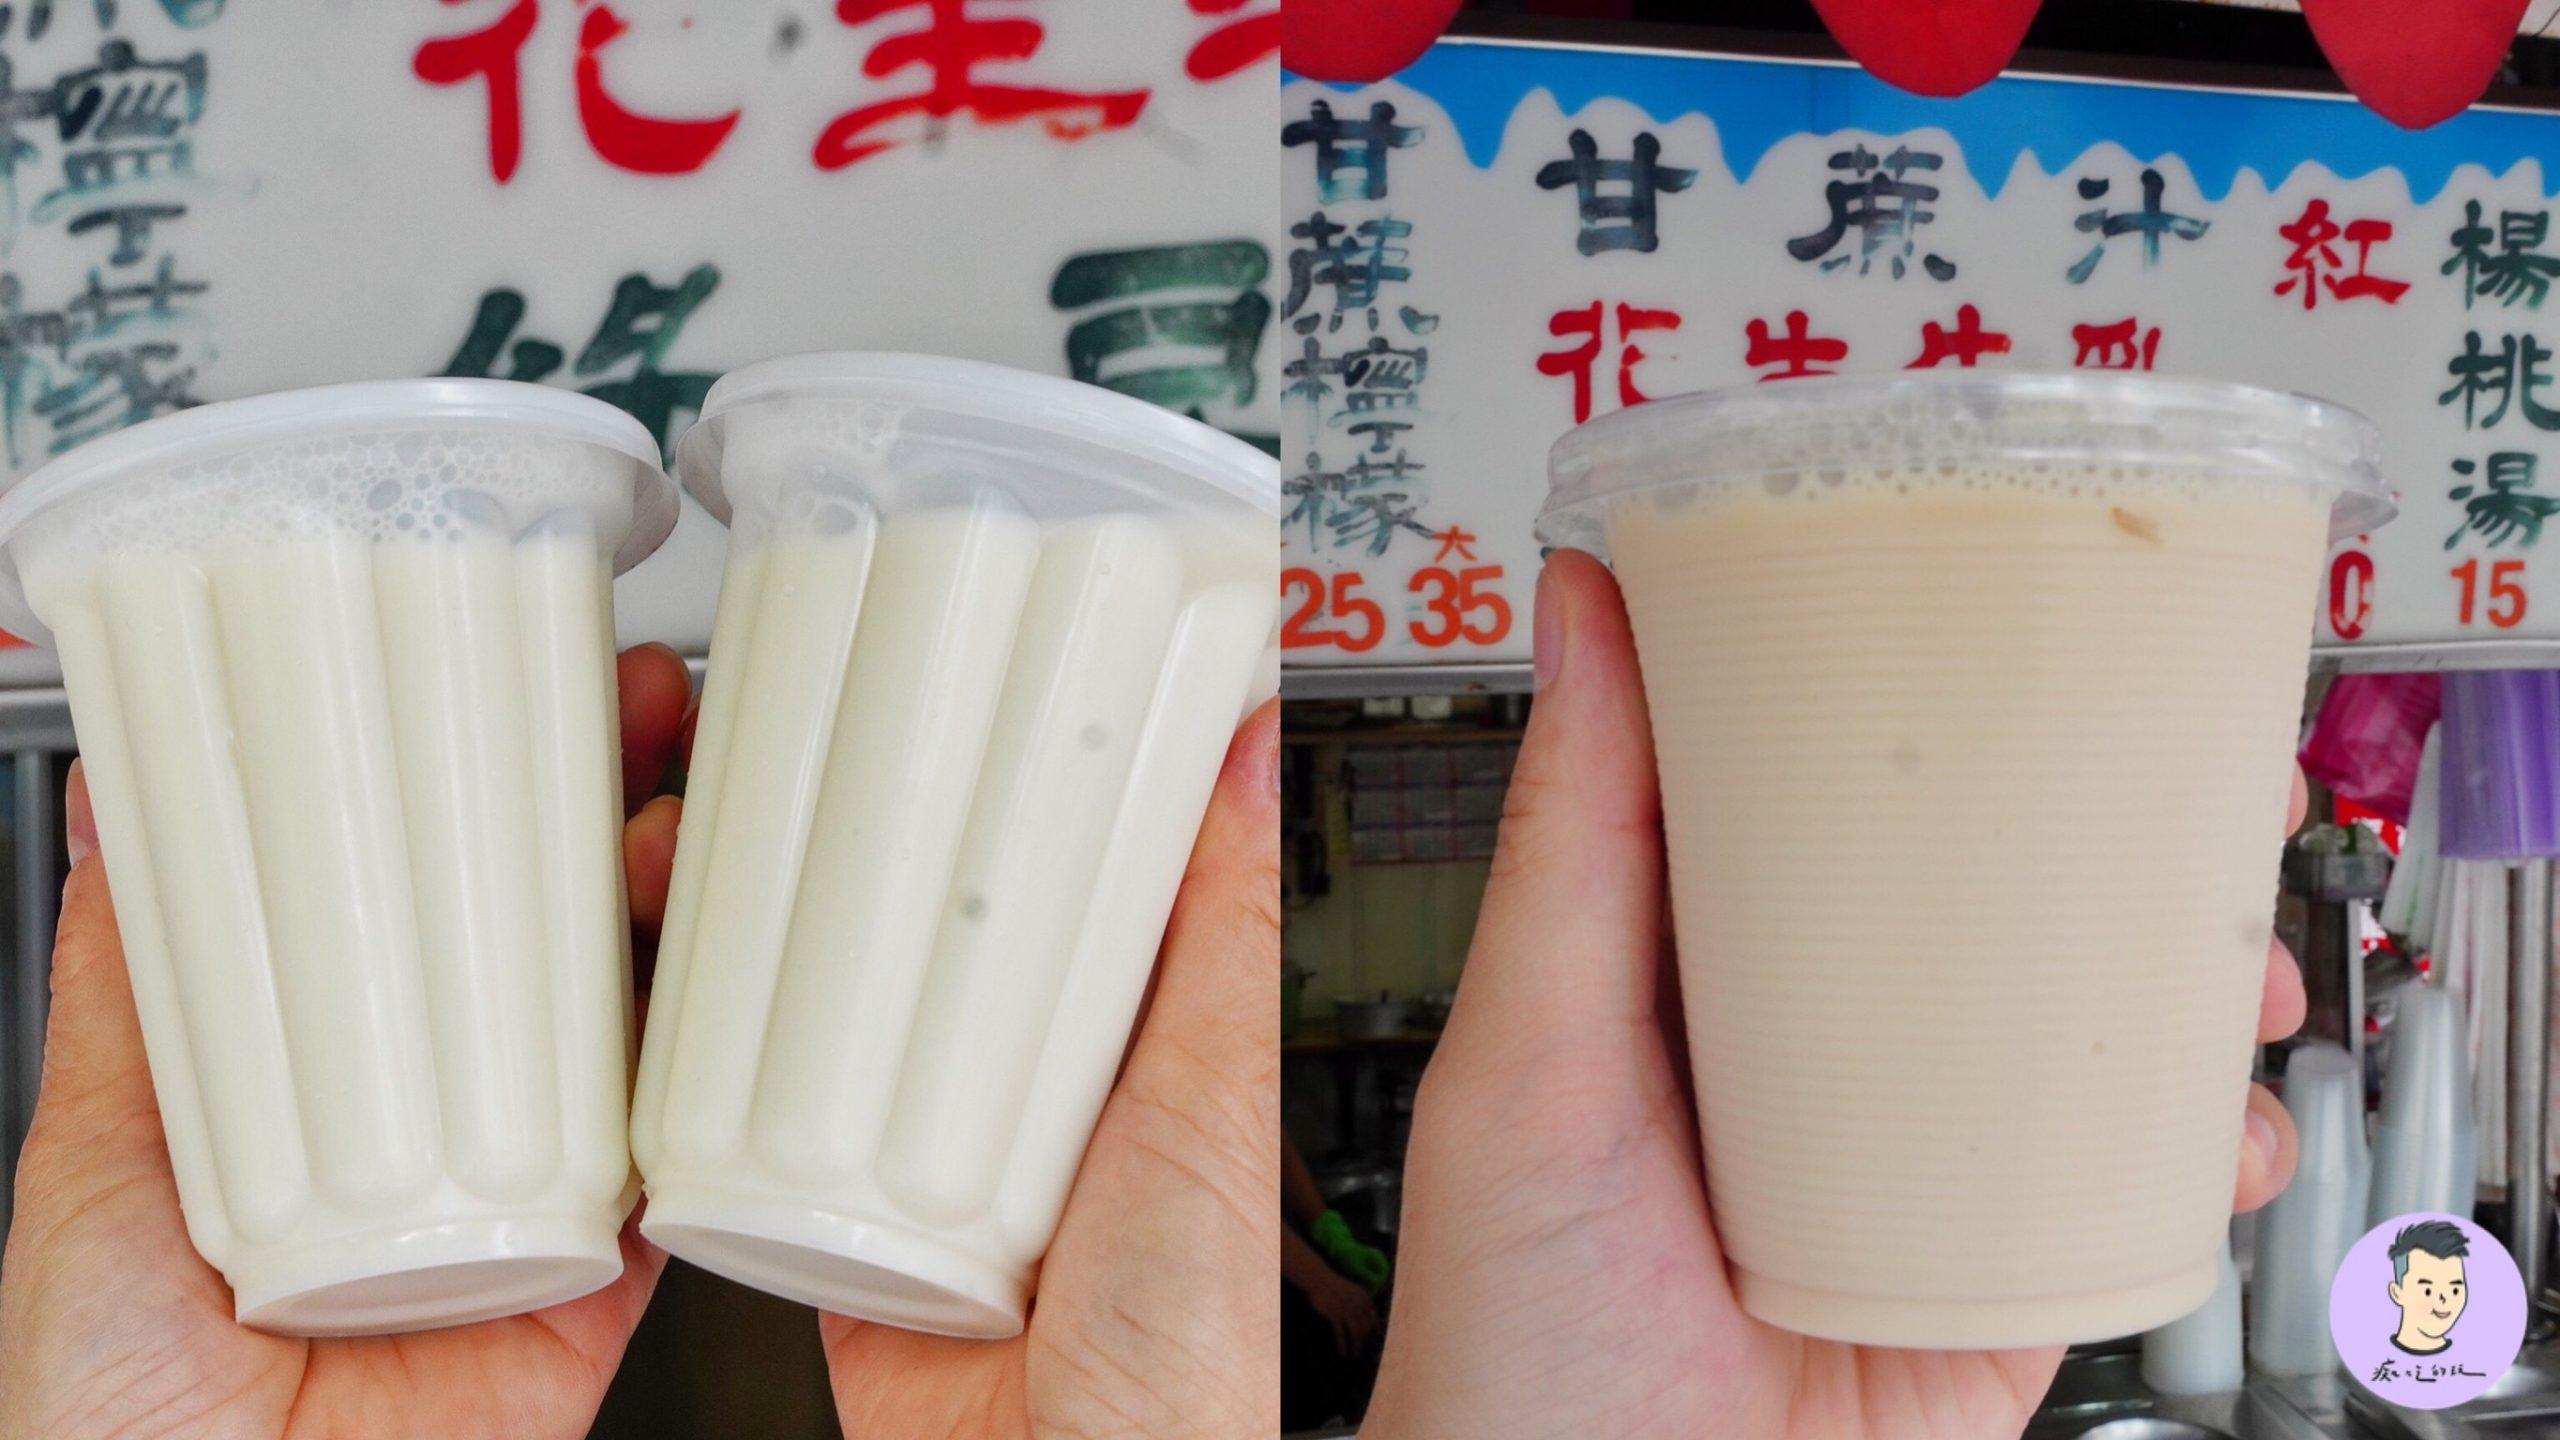 【台南美食】台南人古早味甘蔗牛奶!沒有招牌的回憶飲料 一杯25元